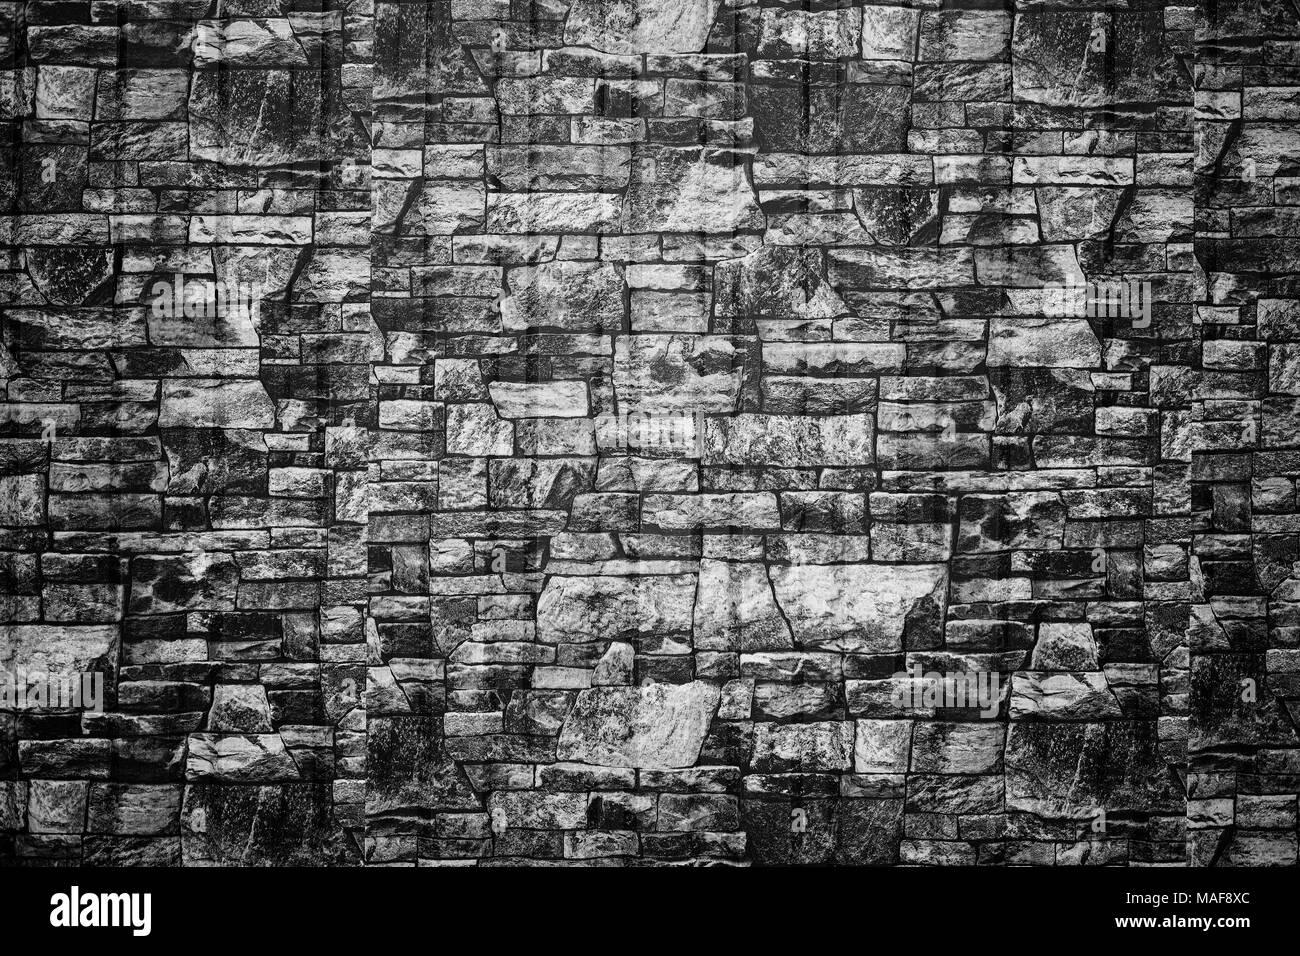 Die Beschaffenheit der Steine. Stein Strukturierte Fliese. Stein ...